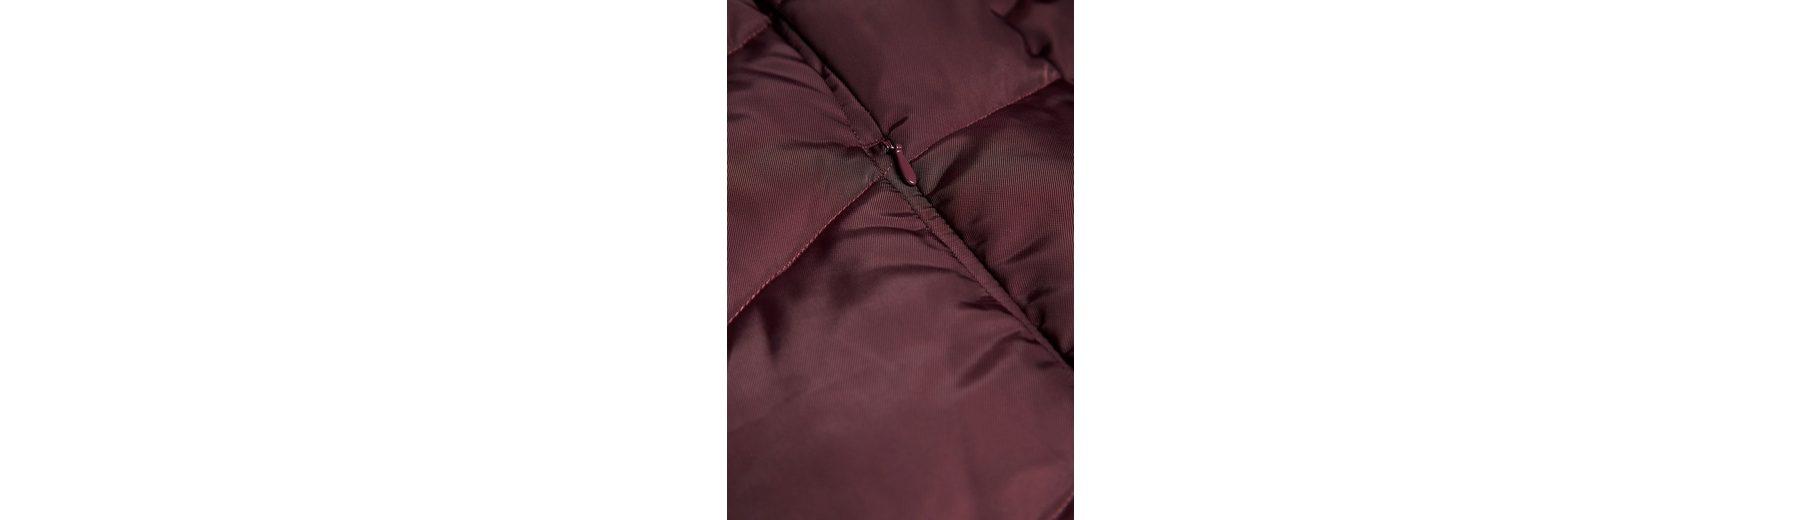 Next Gesteppte Jacke Auslass Neue Ankunft Auslasszwischenraum Standorten Günstig Kaufen Günstigsten Preis 2FDS8Z